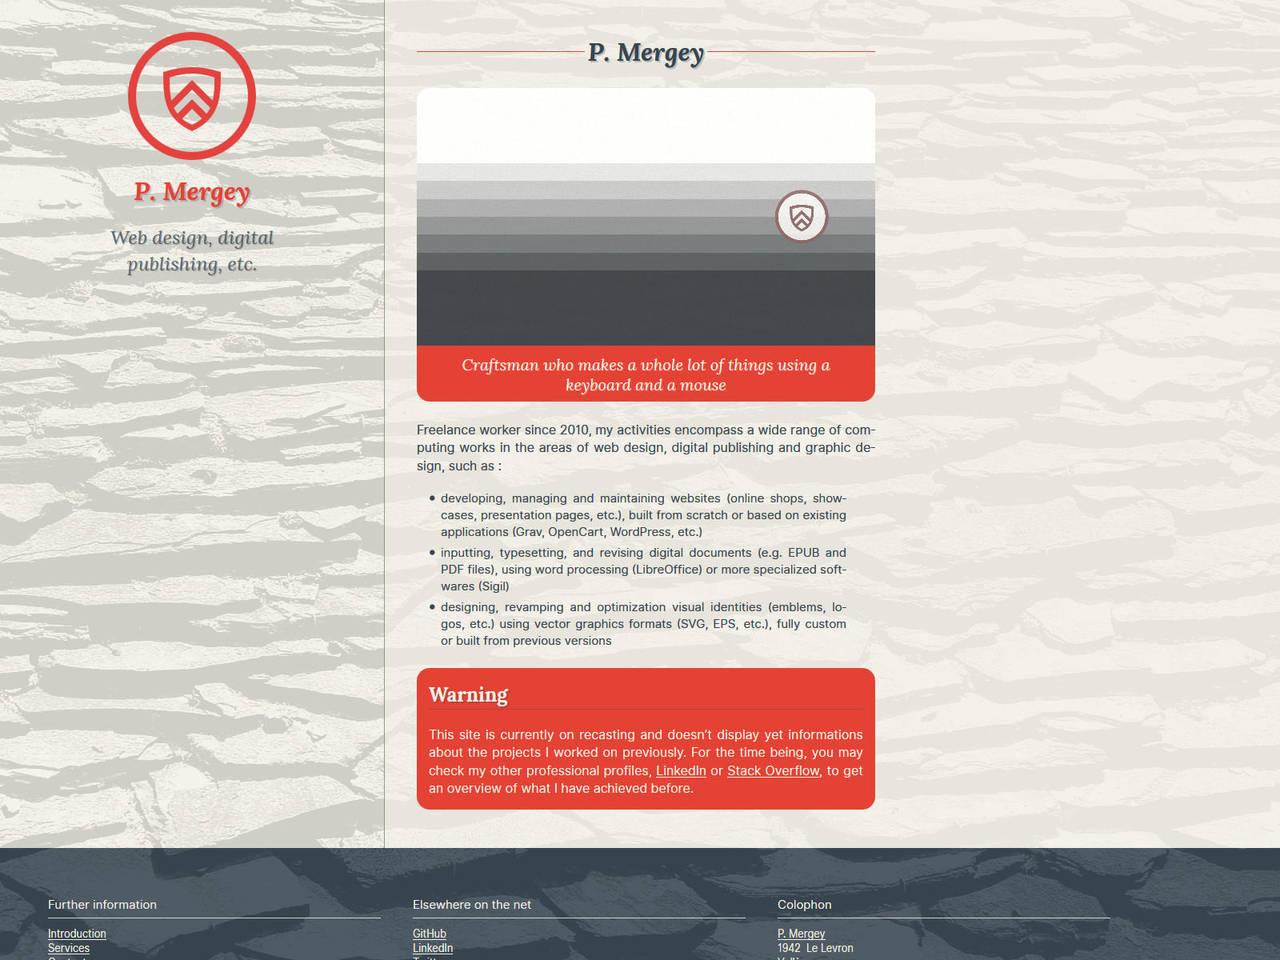 mergey-3.0.0-beta.1 by GizMecano